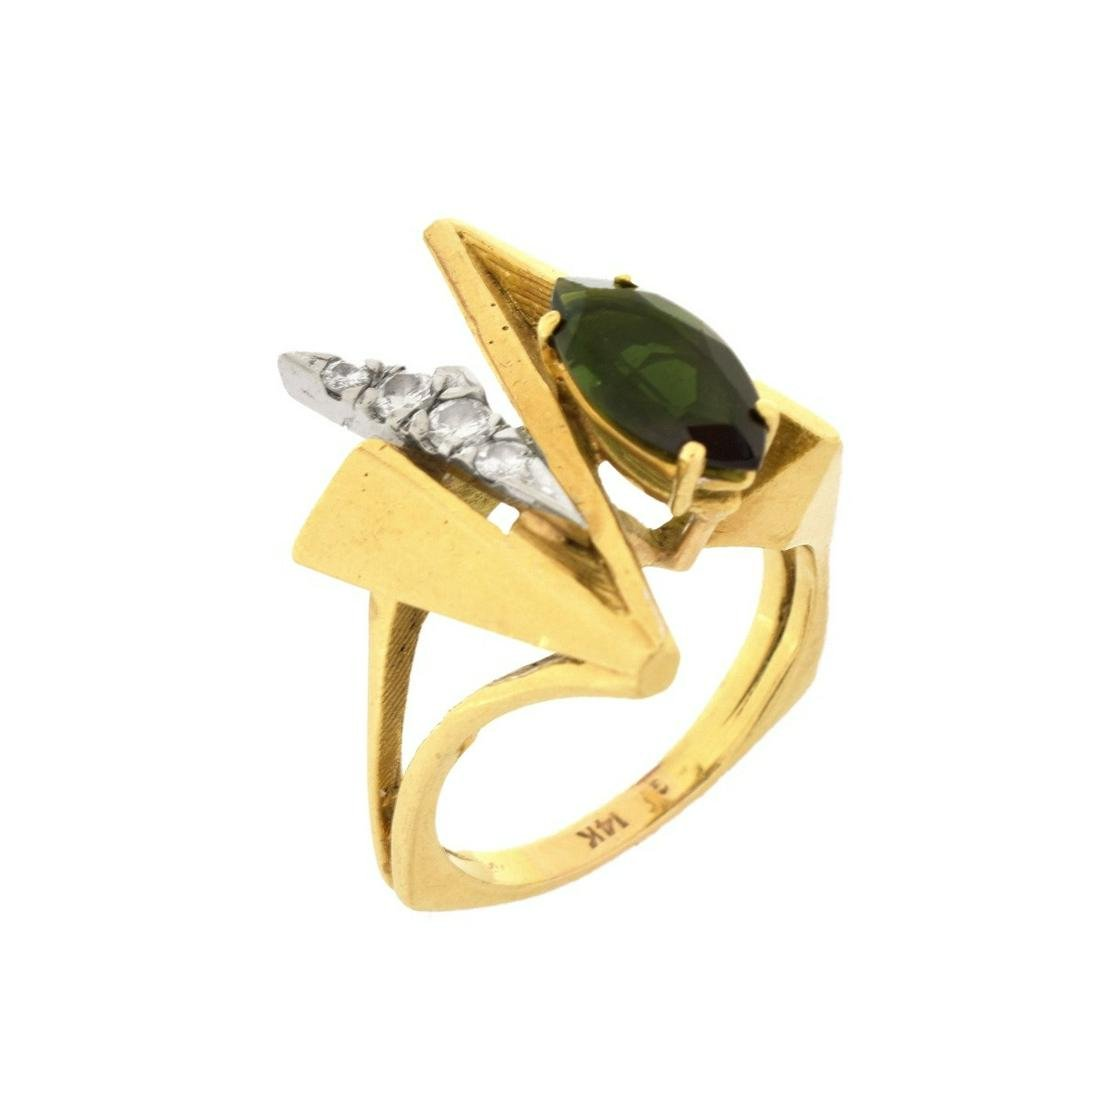 Retro Diamond, Tourmaline and 14K Ring